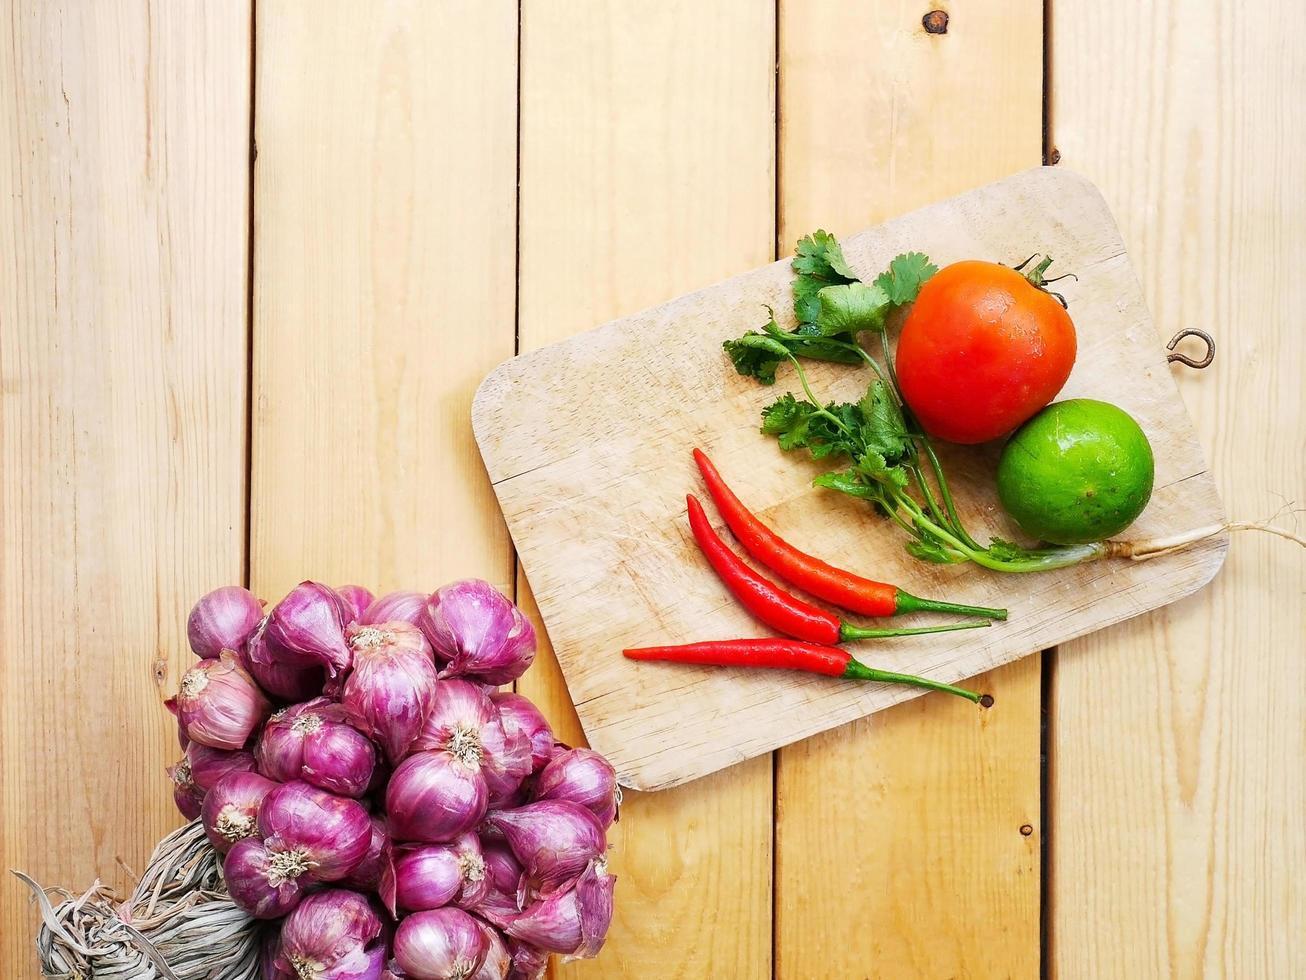 divers types de légumes frais photo